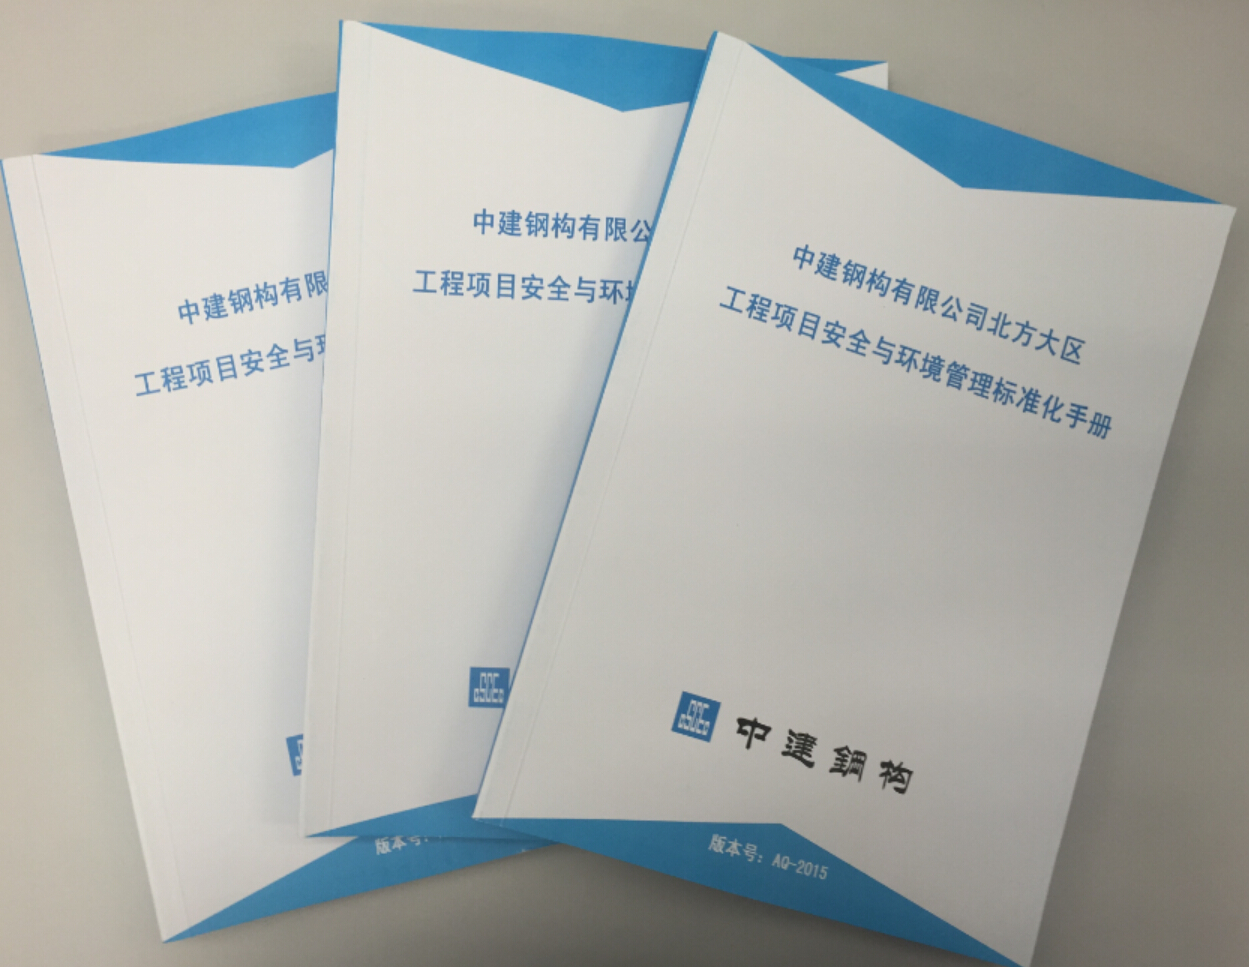 钢构北方大区《工程项目安全与环境管理标准化手册》